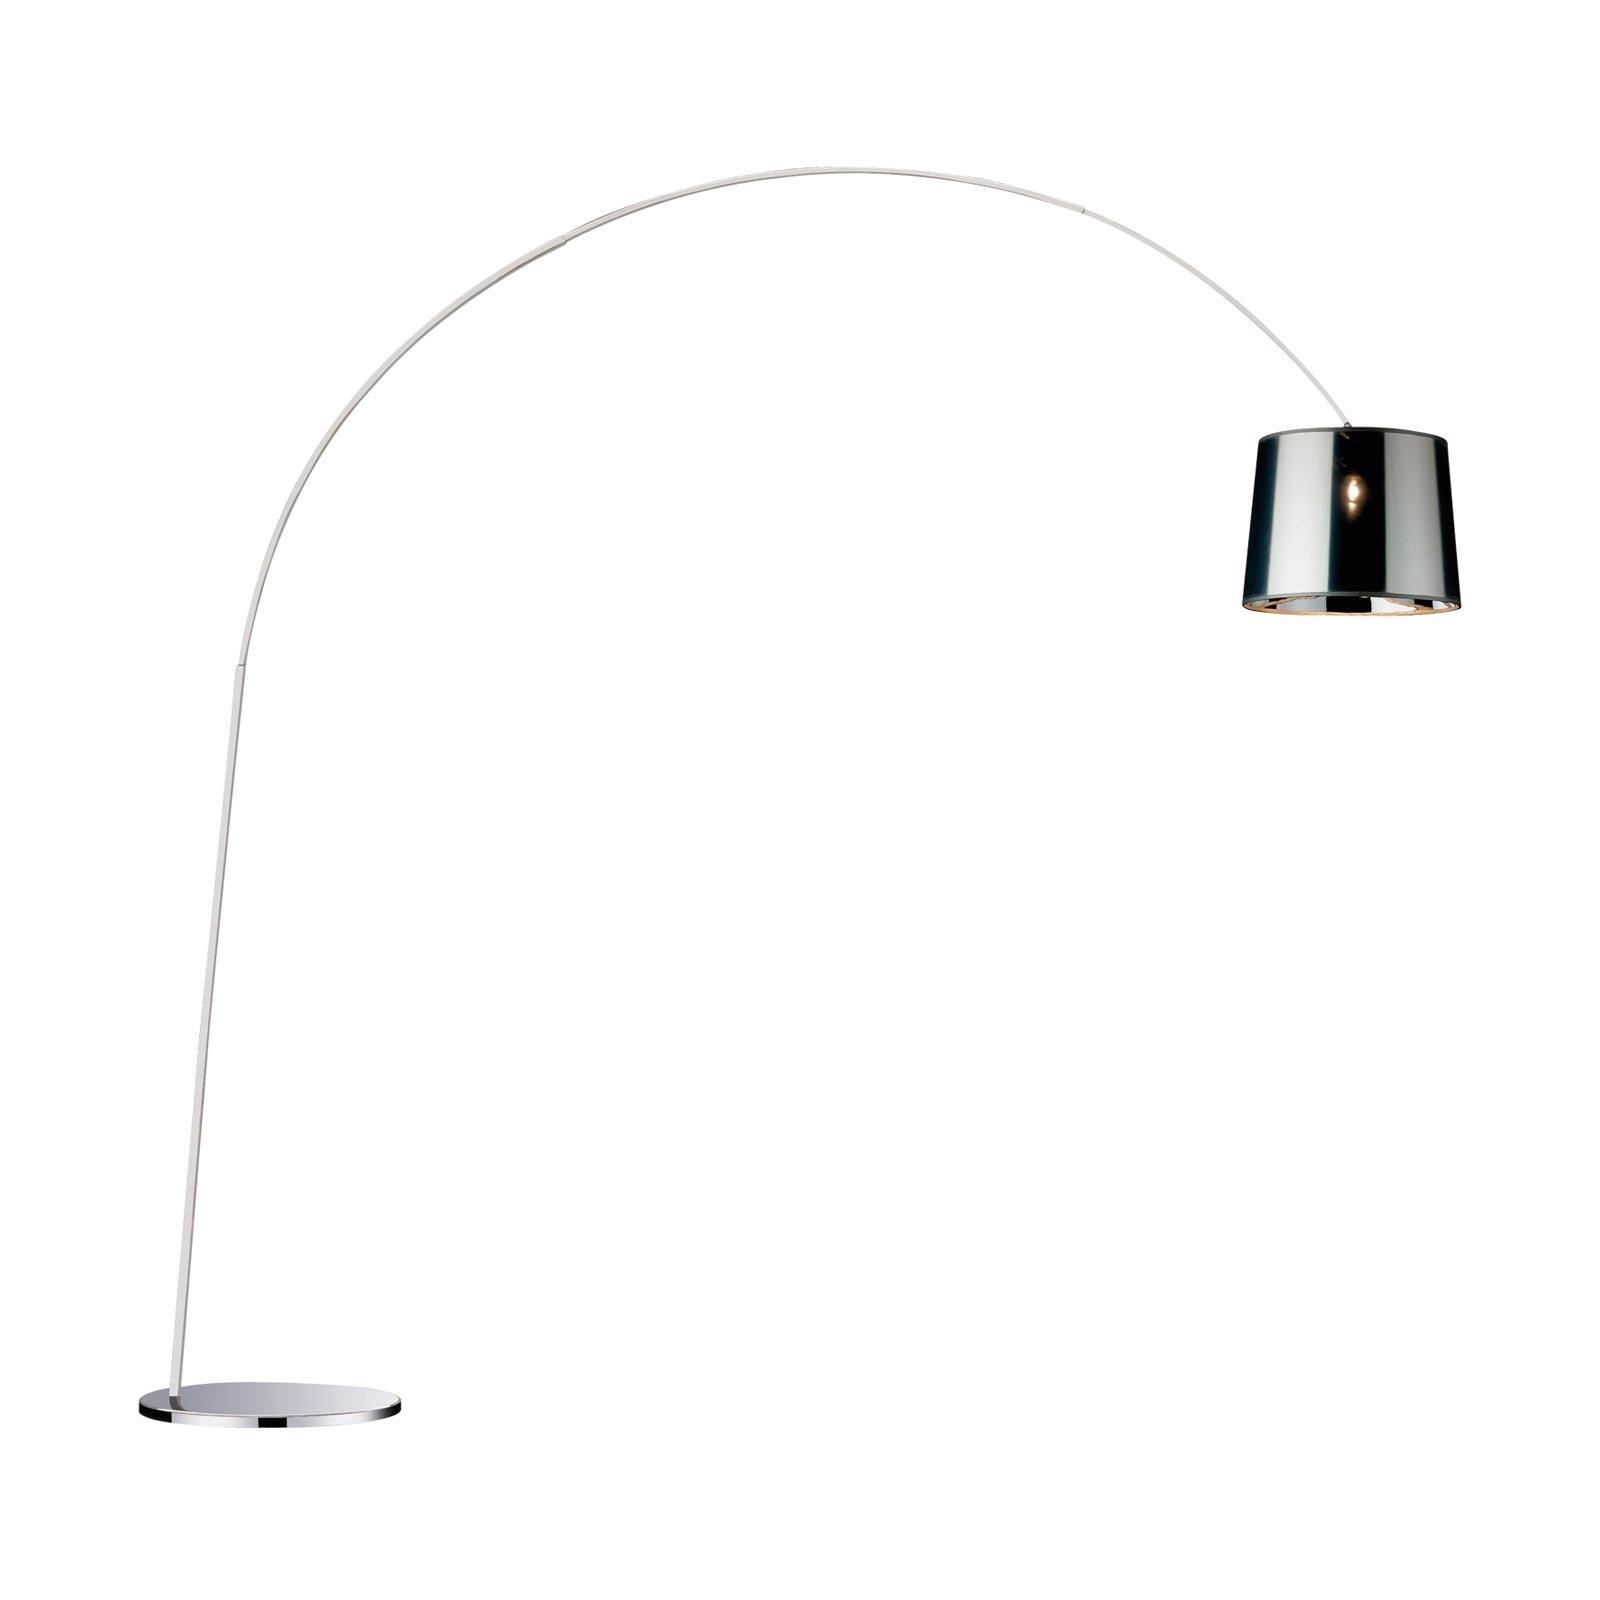 Lampada Arco, unicona di stile - Cose di Casa